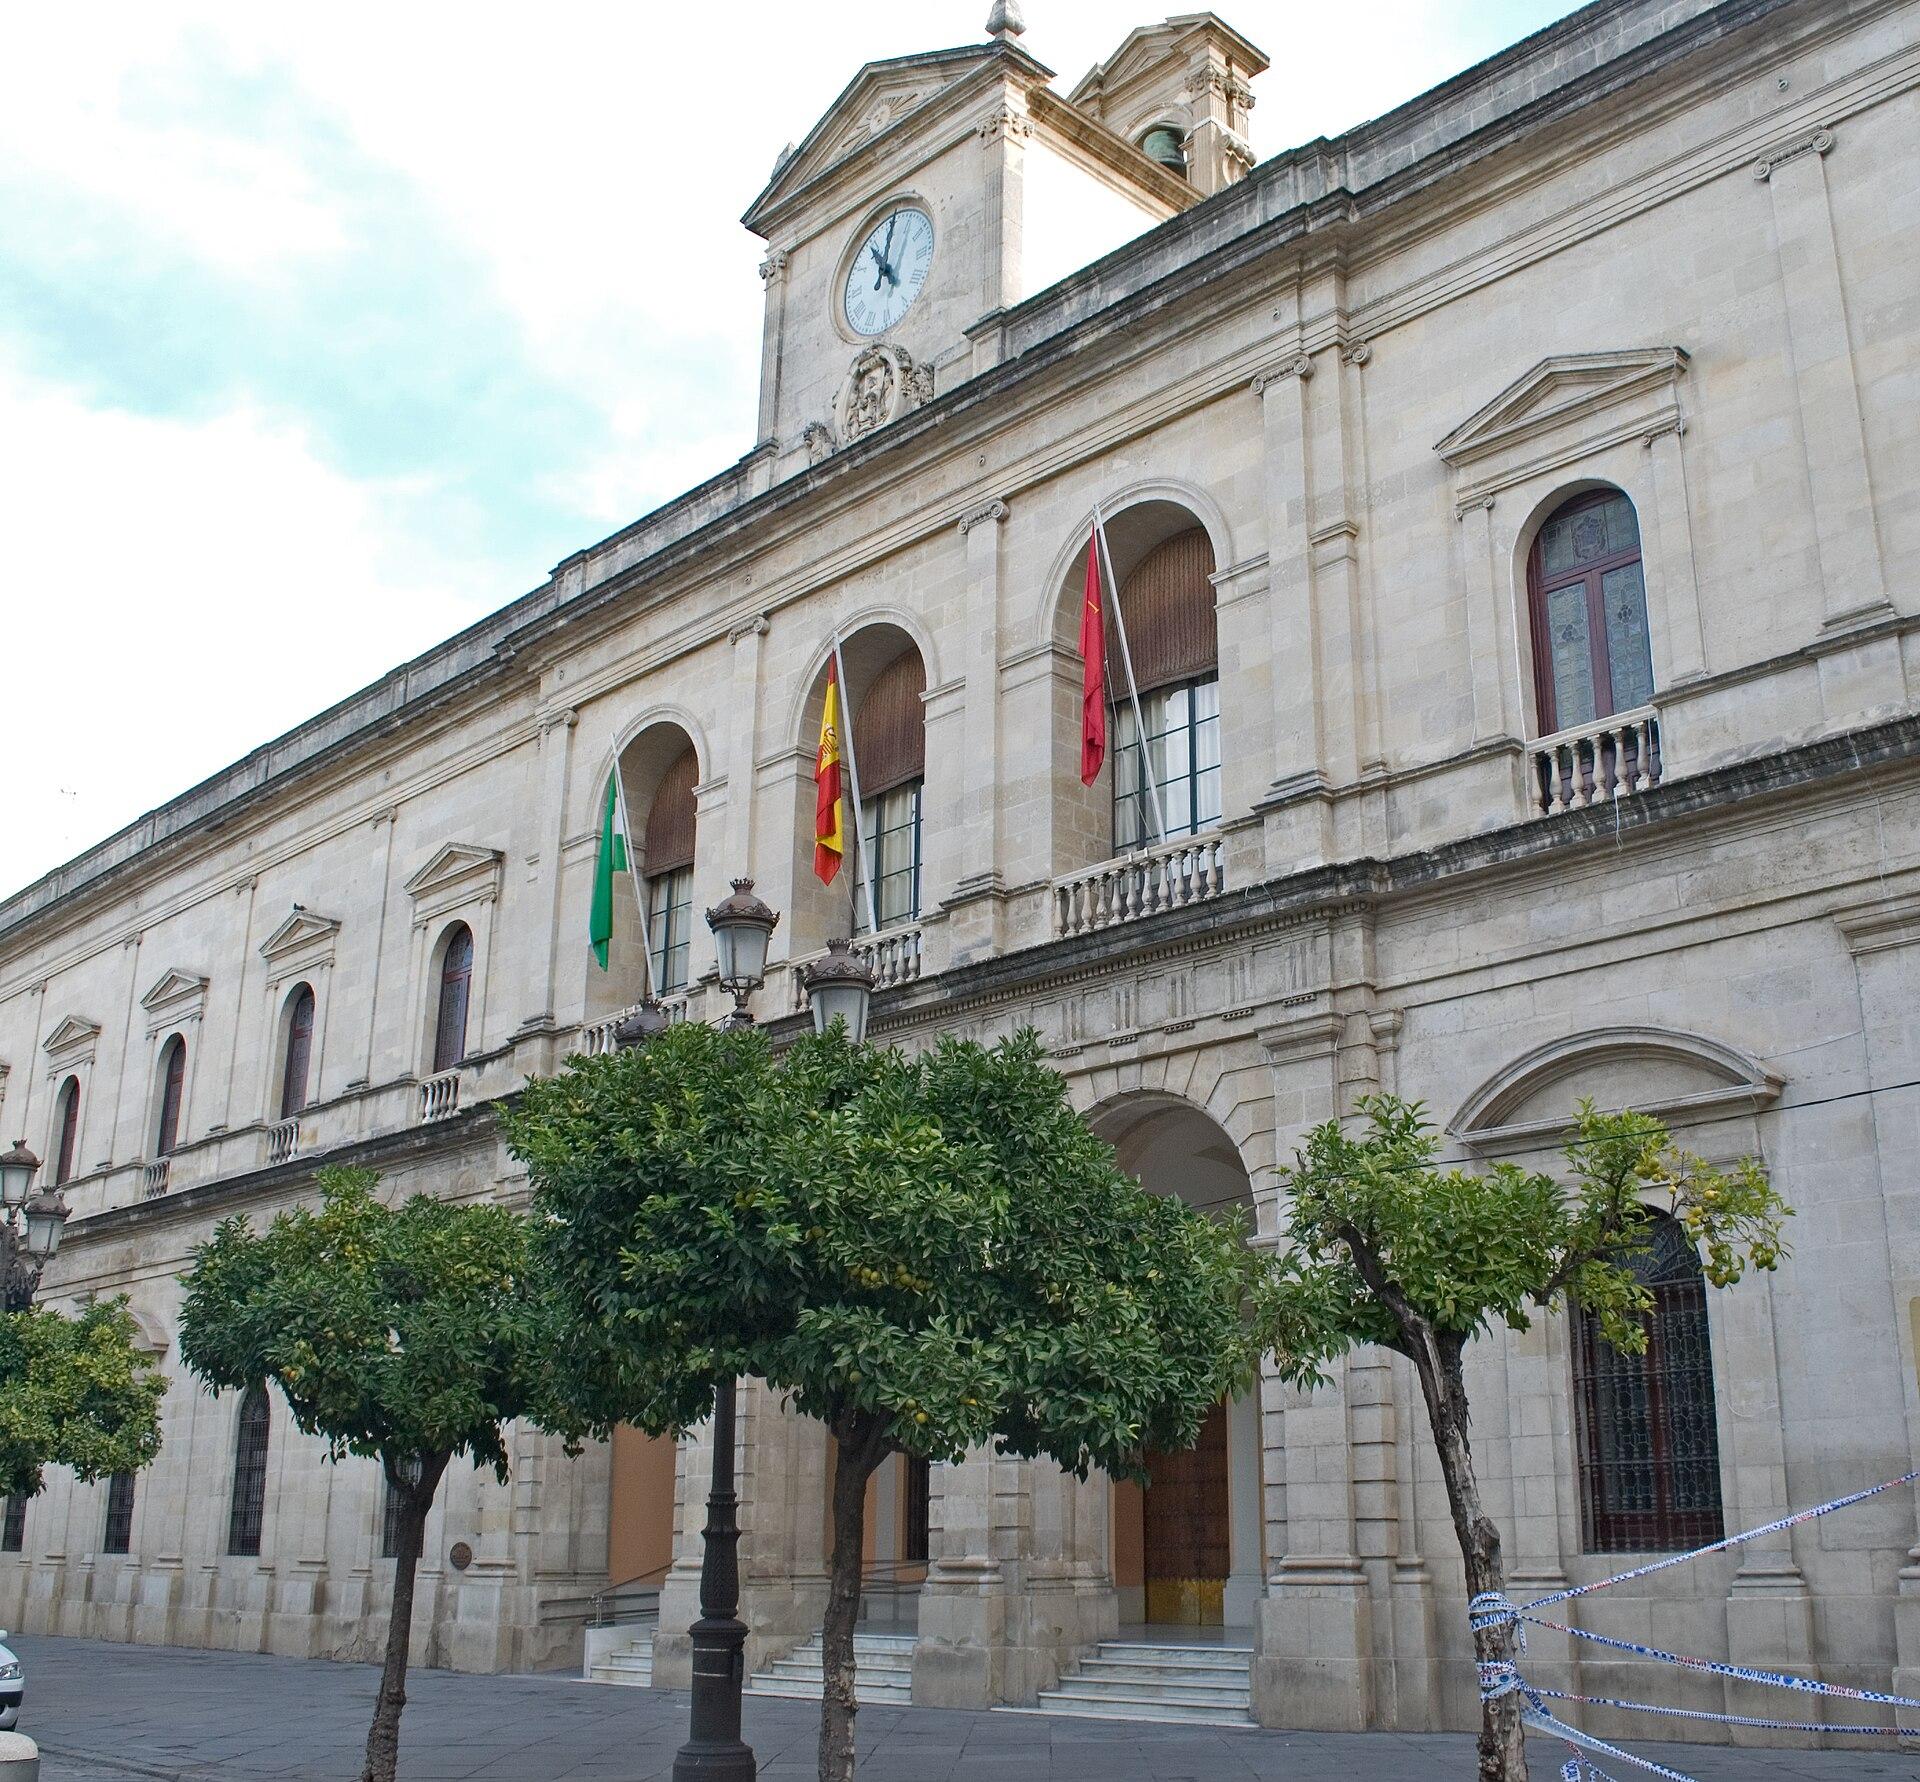 Casa consistorial de sevilla wikimedia commons for Casas de sofas en sevilla